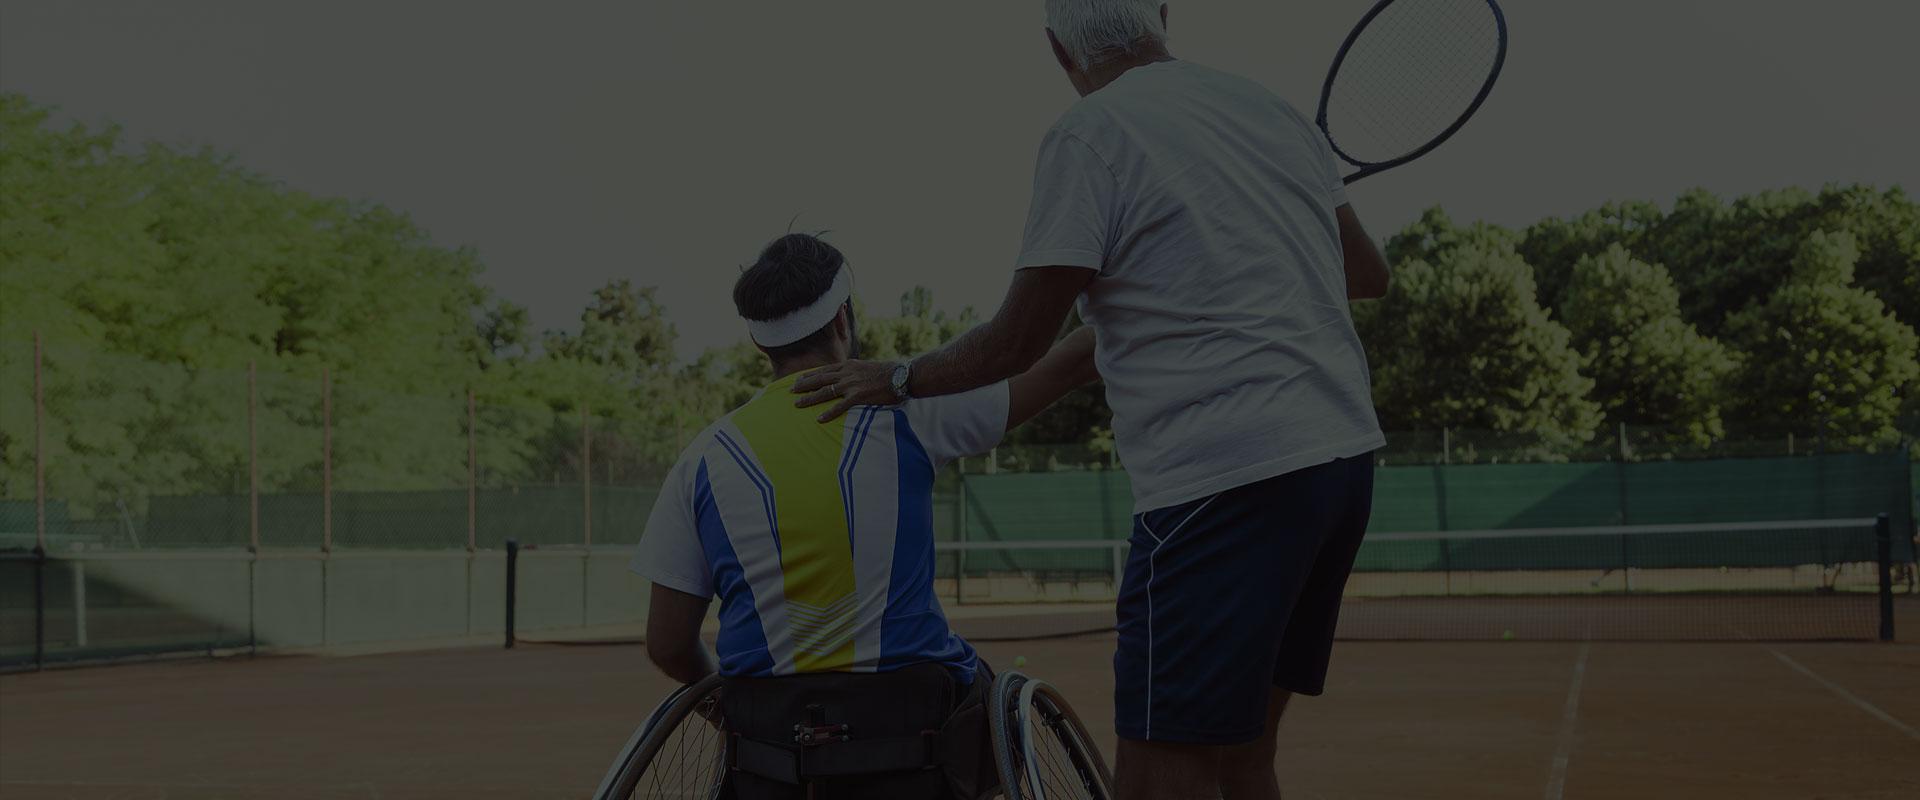 Apprendre a jouer au tennis handisport